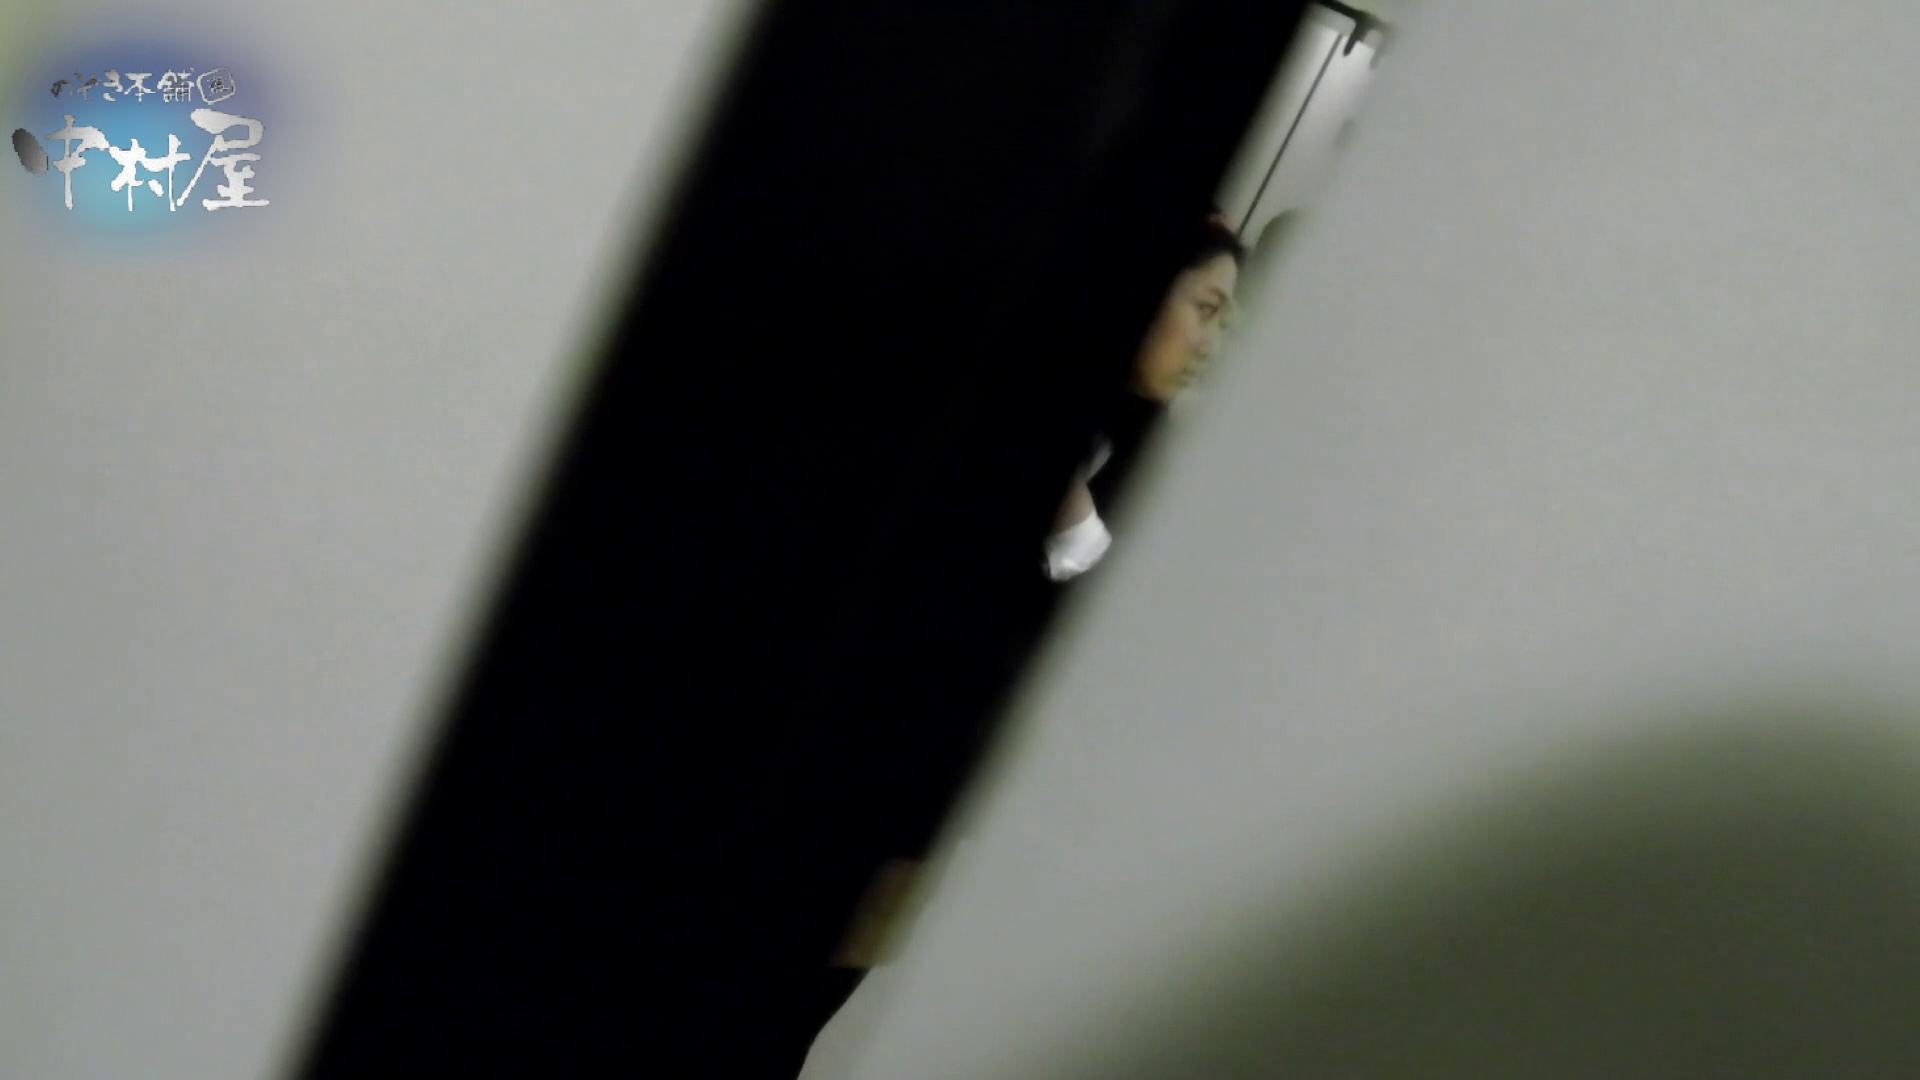 乙女集まる!ショッピングモール潜入撮vol.01 0  84pic 66